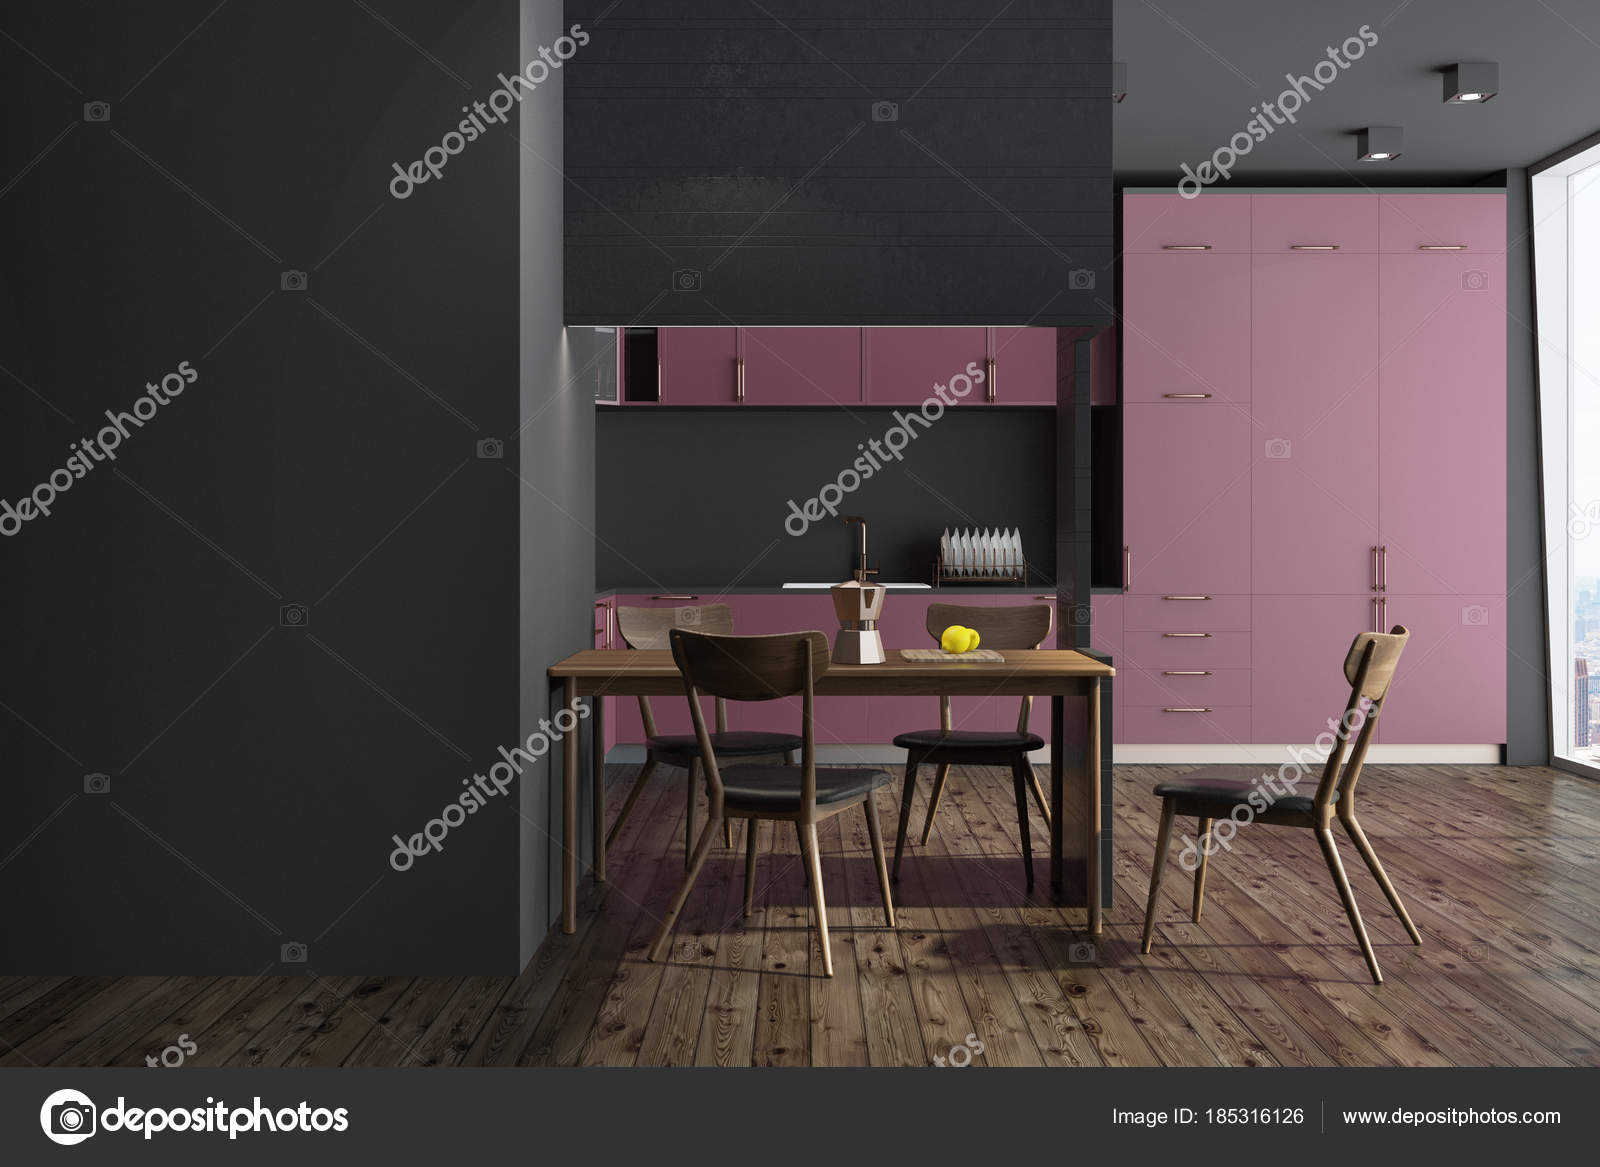 Schwarze Küche Rote Und Schwarze Möbel Wand Stockfoto